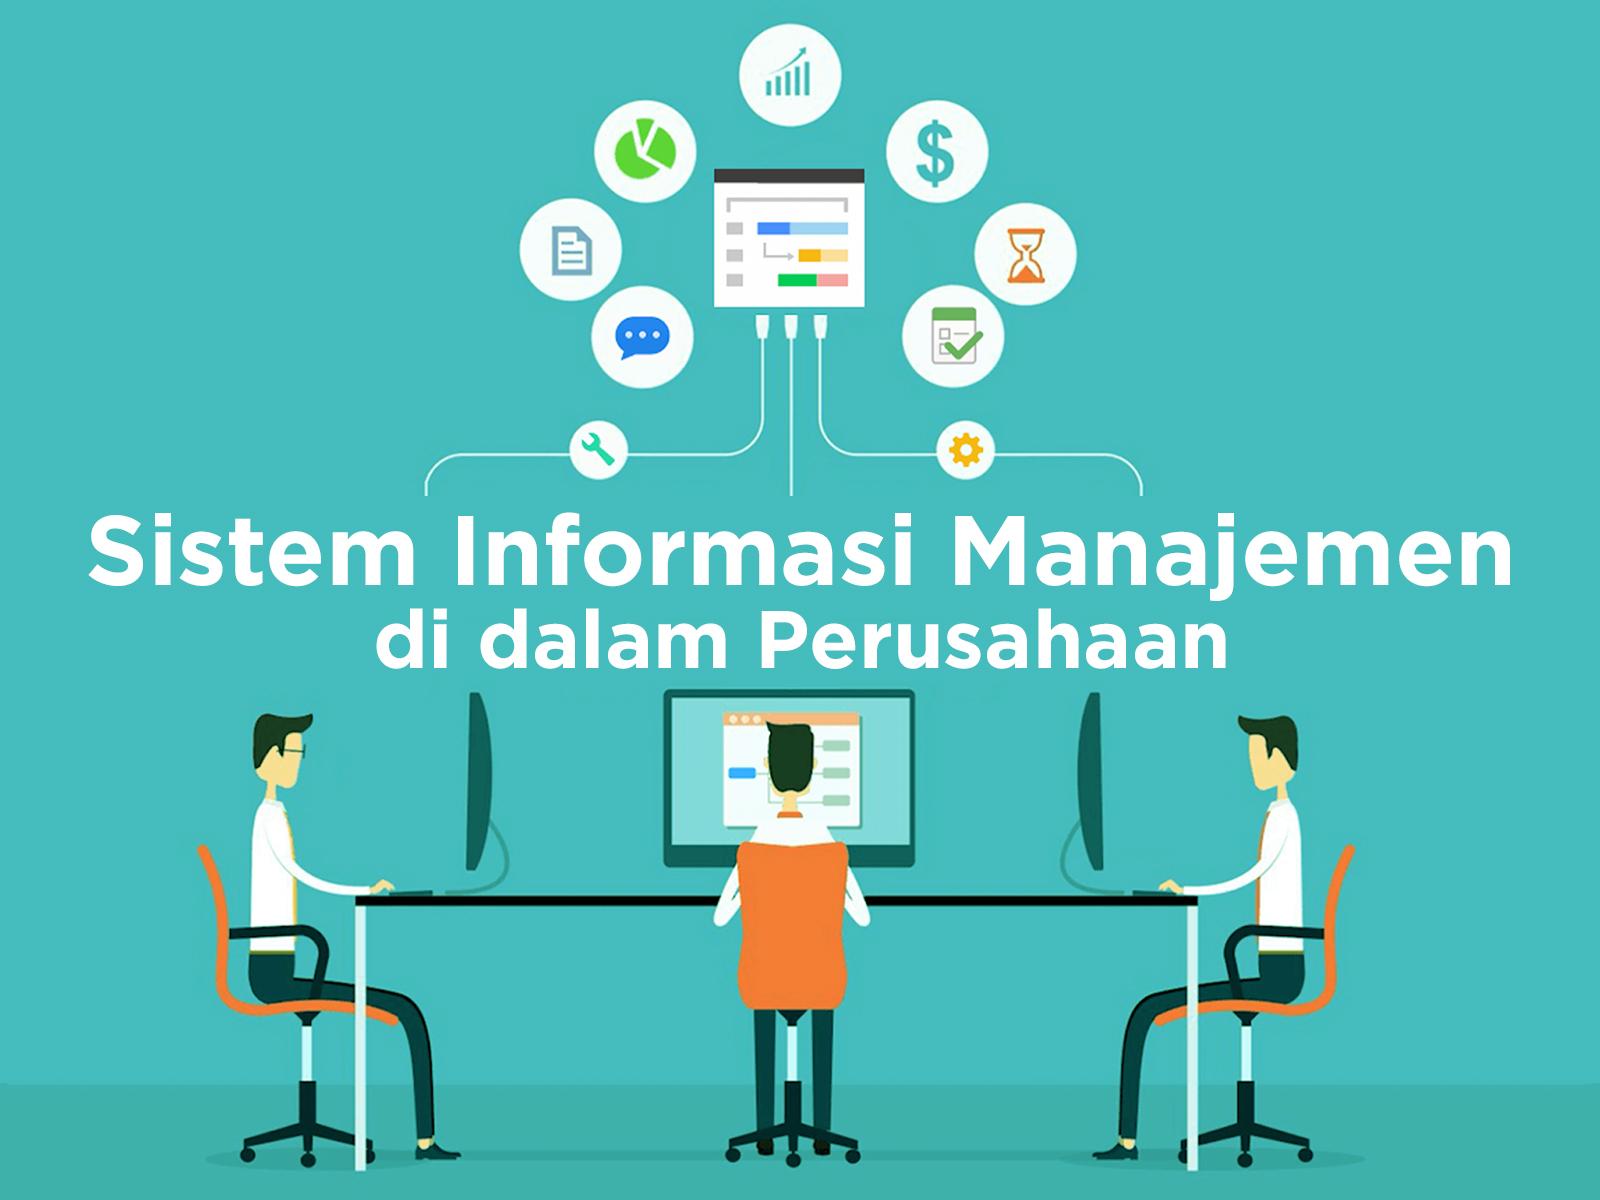 Implementasi Sistem Informasi Manajemen di Dalam Perusahaan